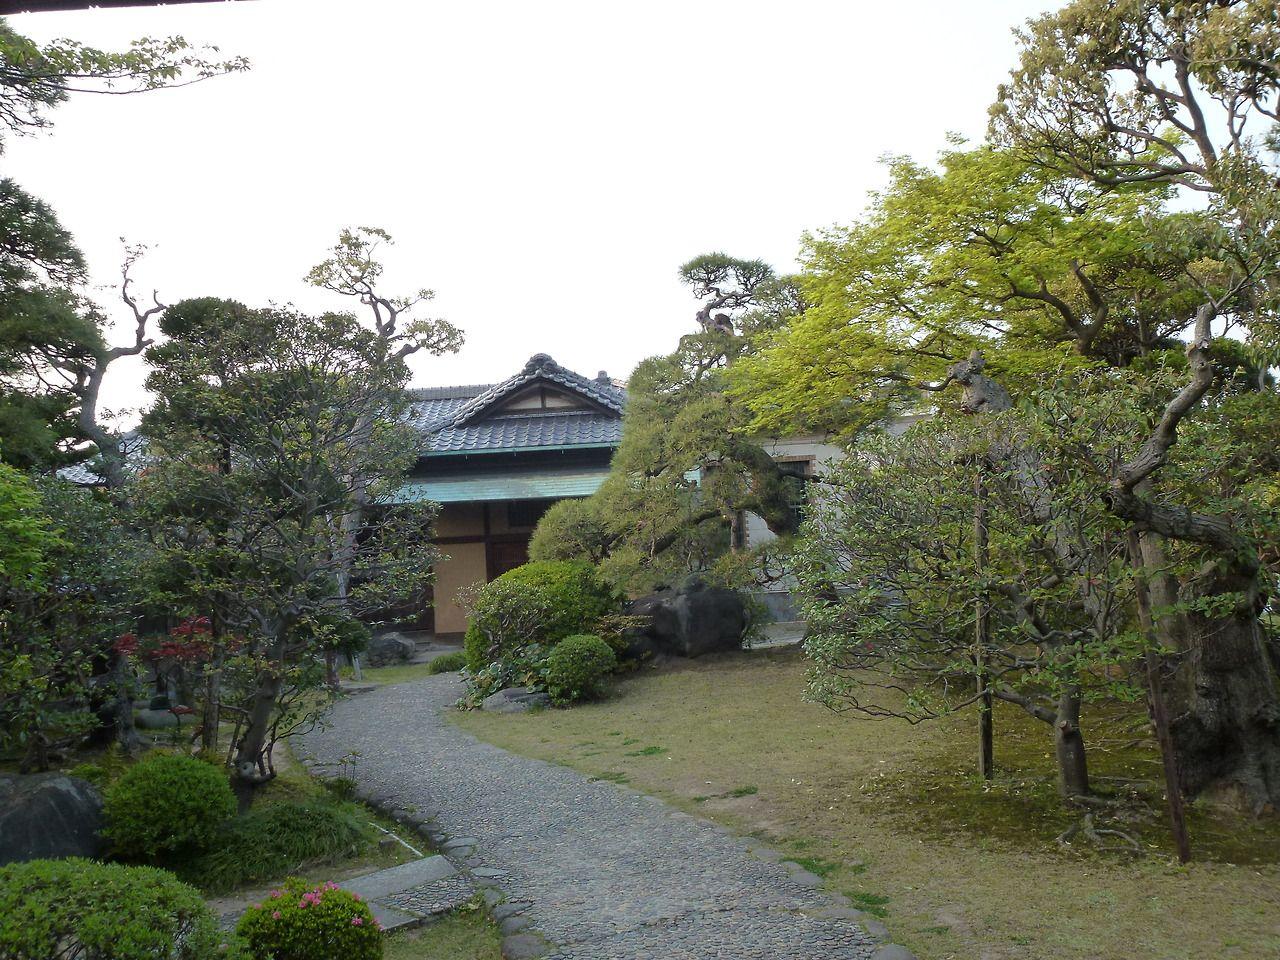 Japanese garden in Shibamata Giardino giapponese